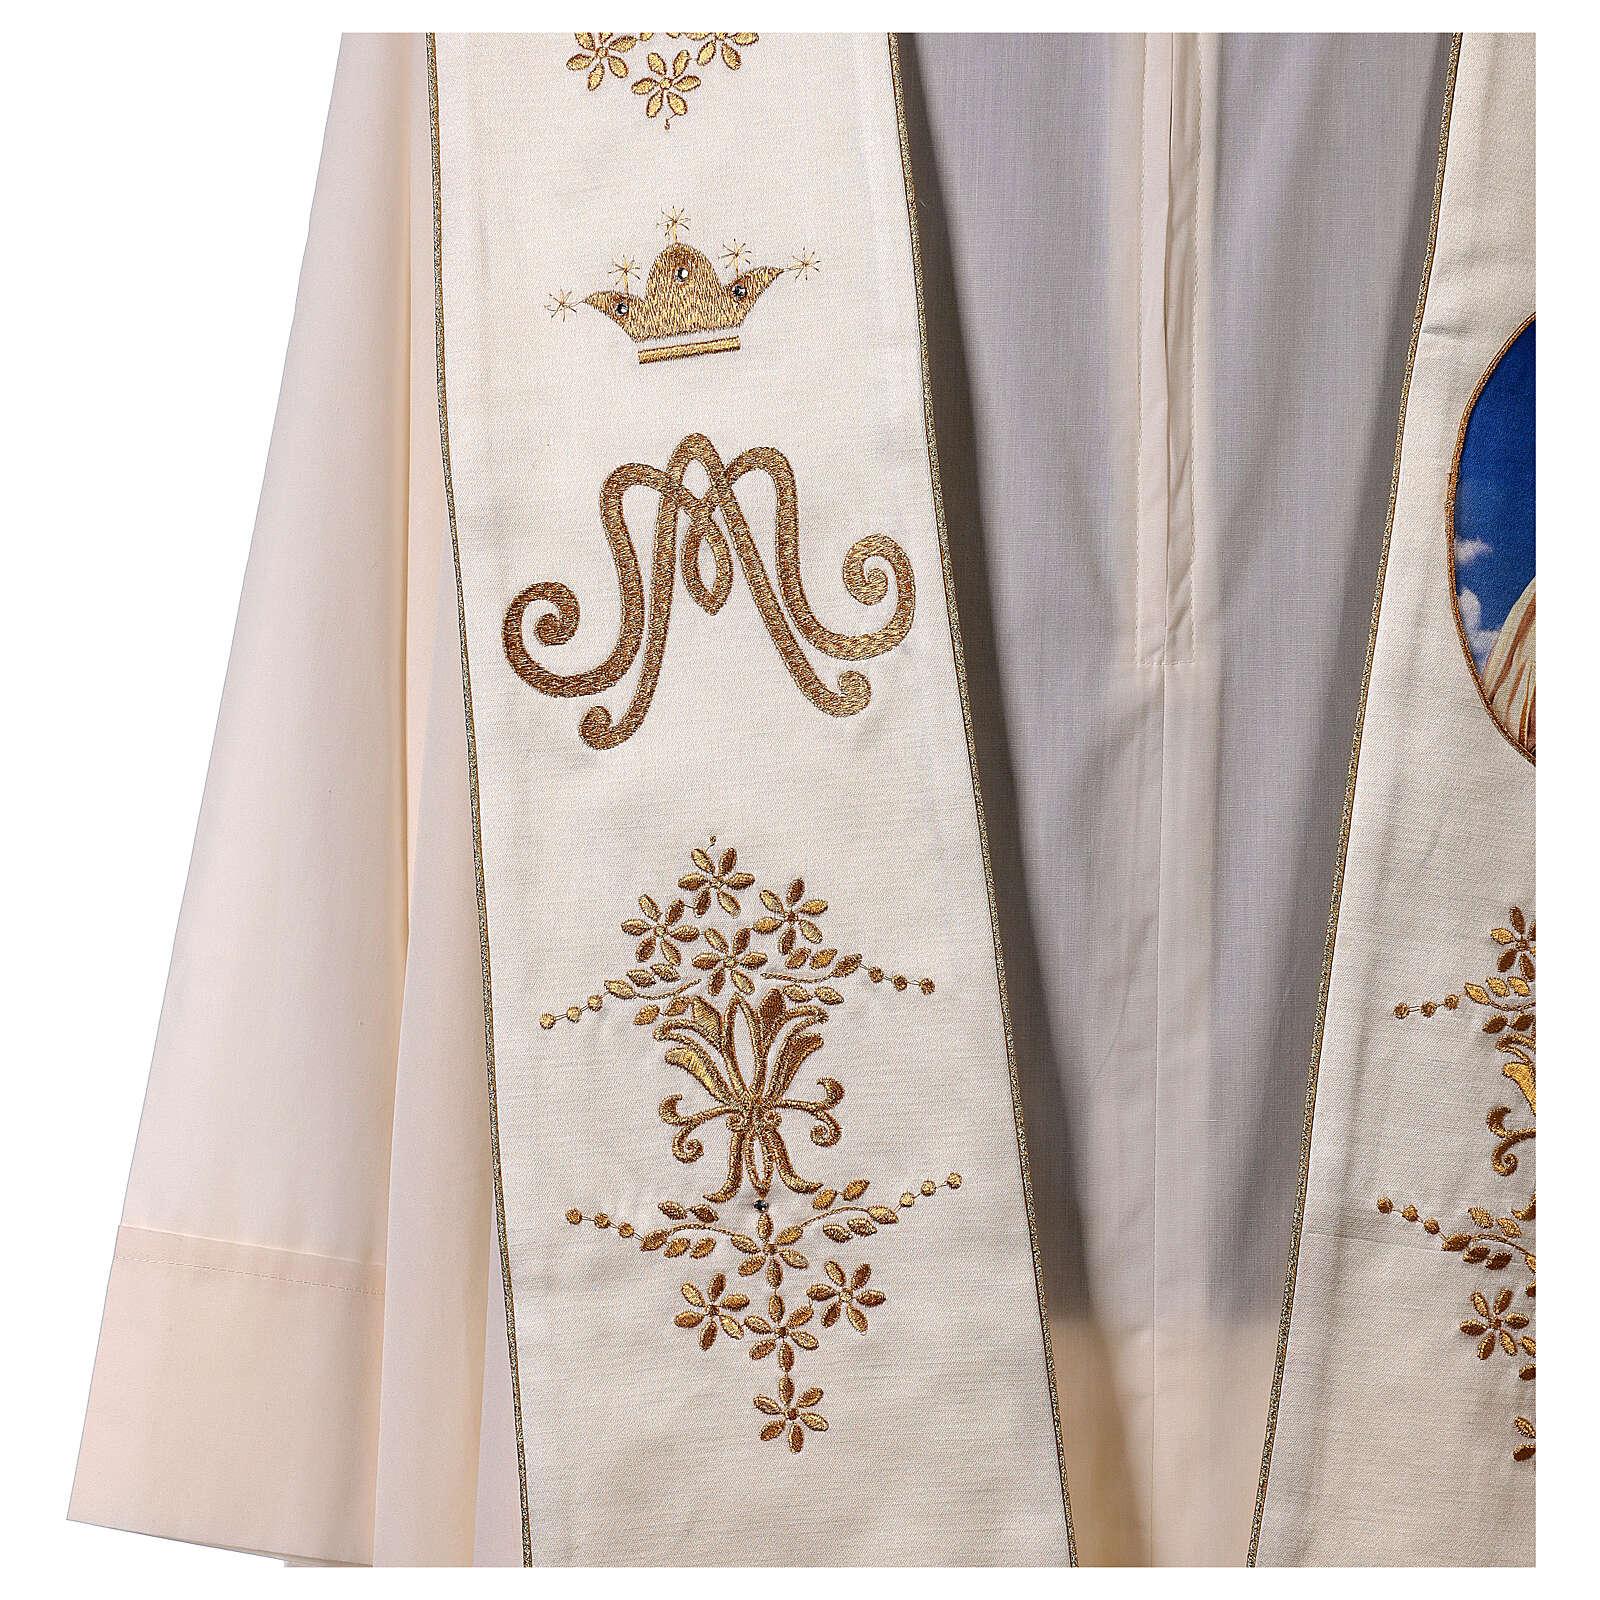 Estola mariana Fátima bordados oro cuentas strass 4